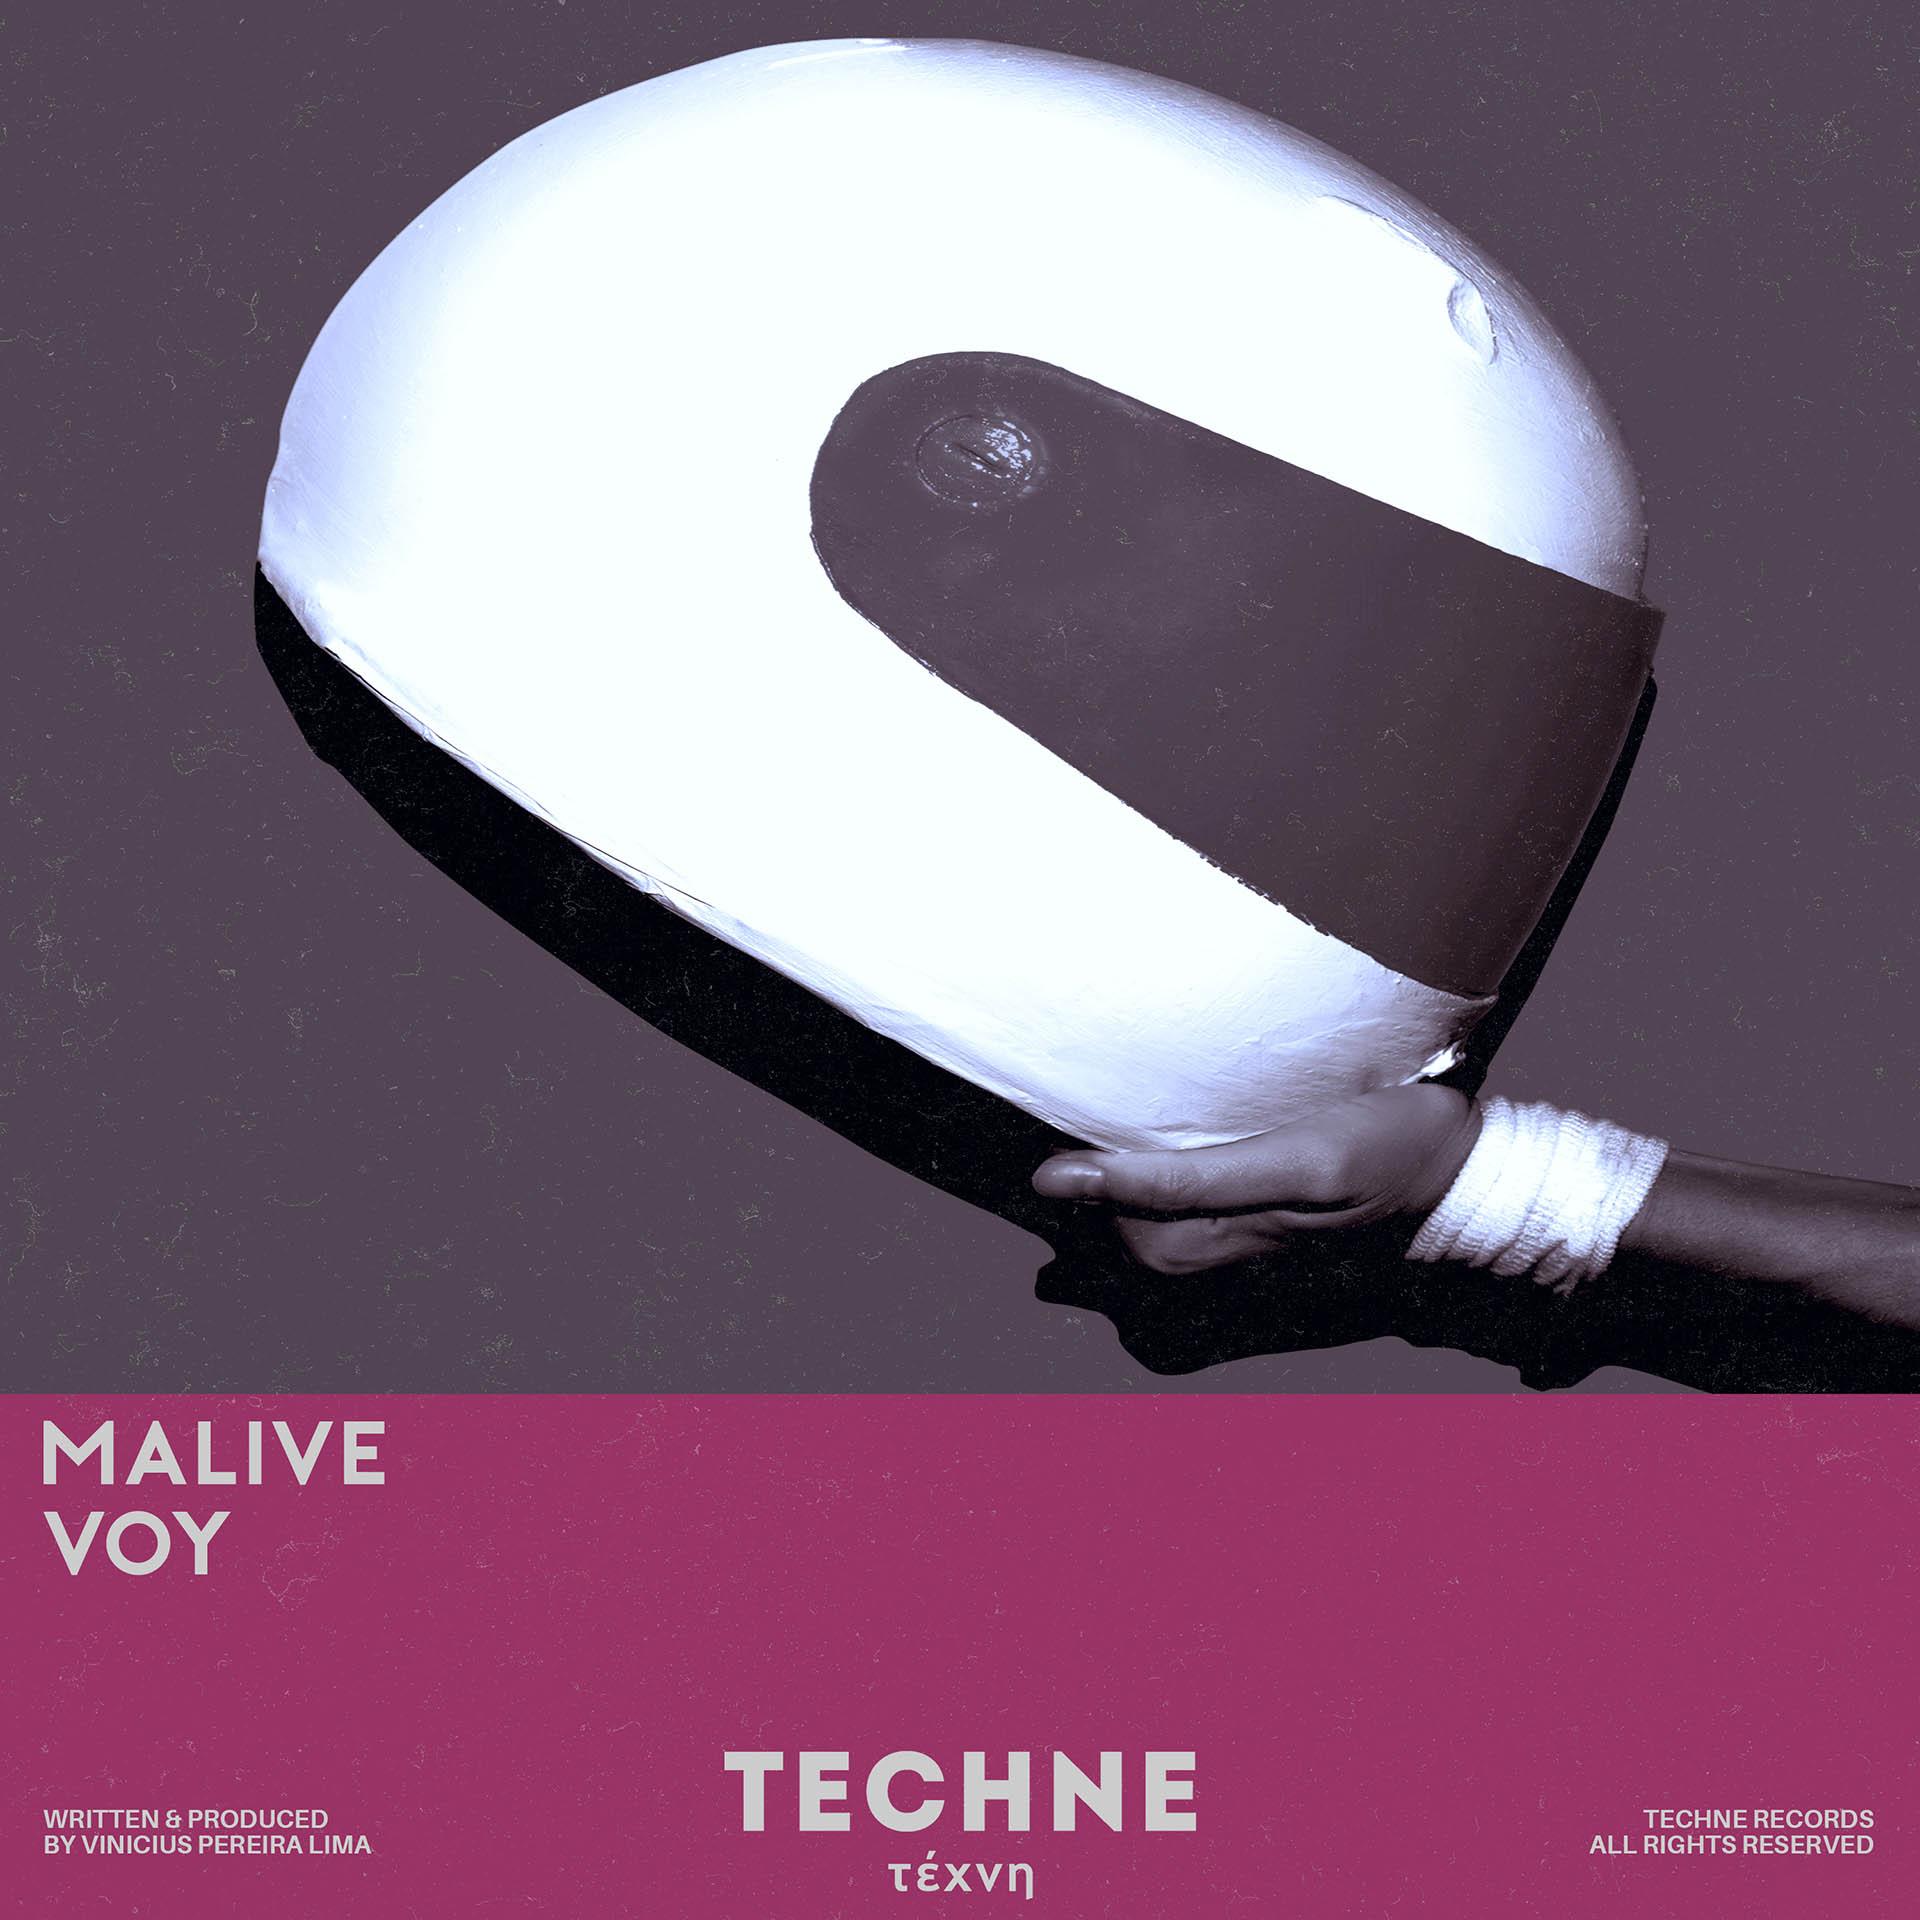 Malive - Voy